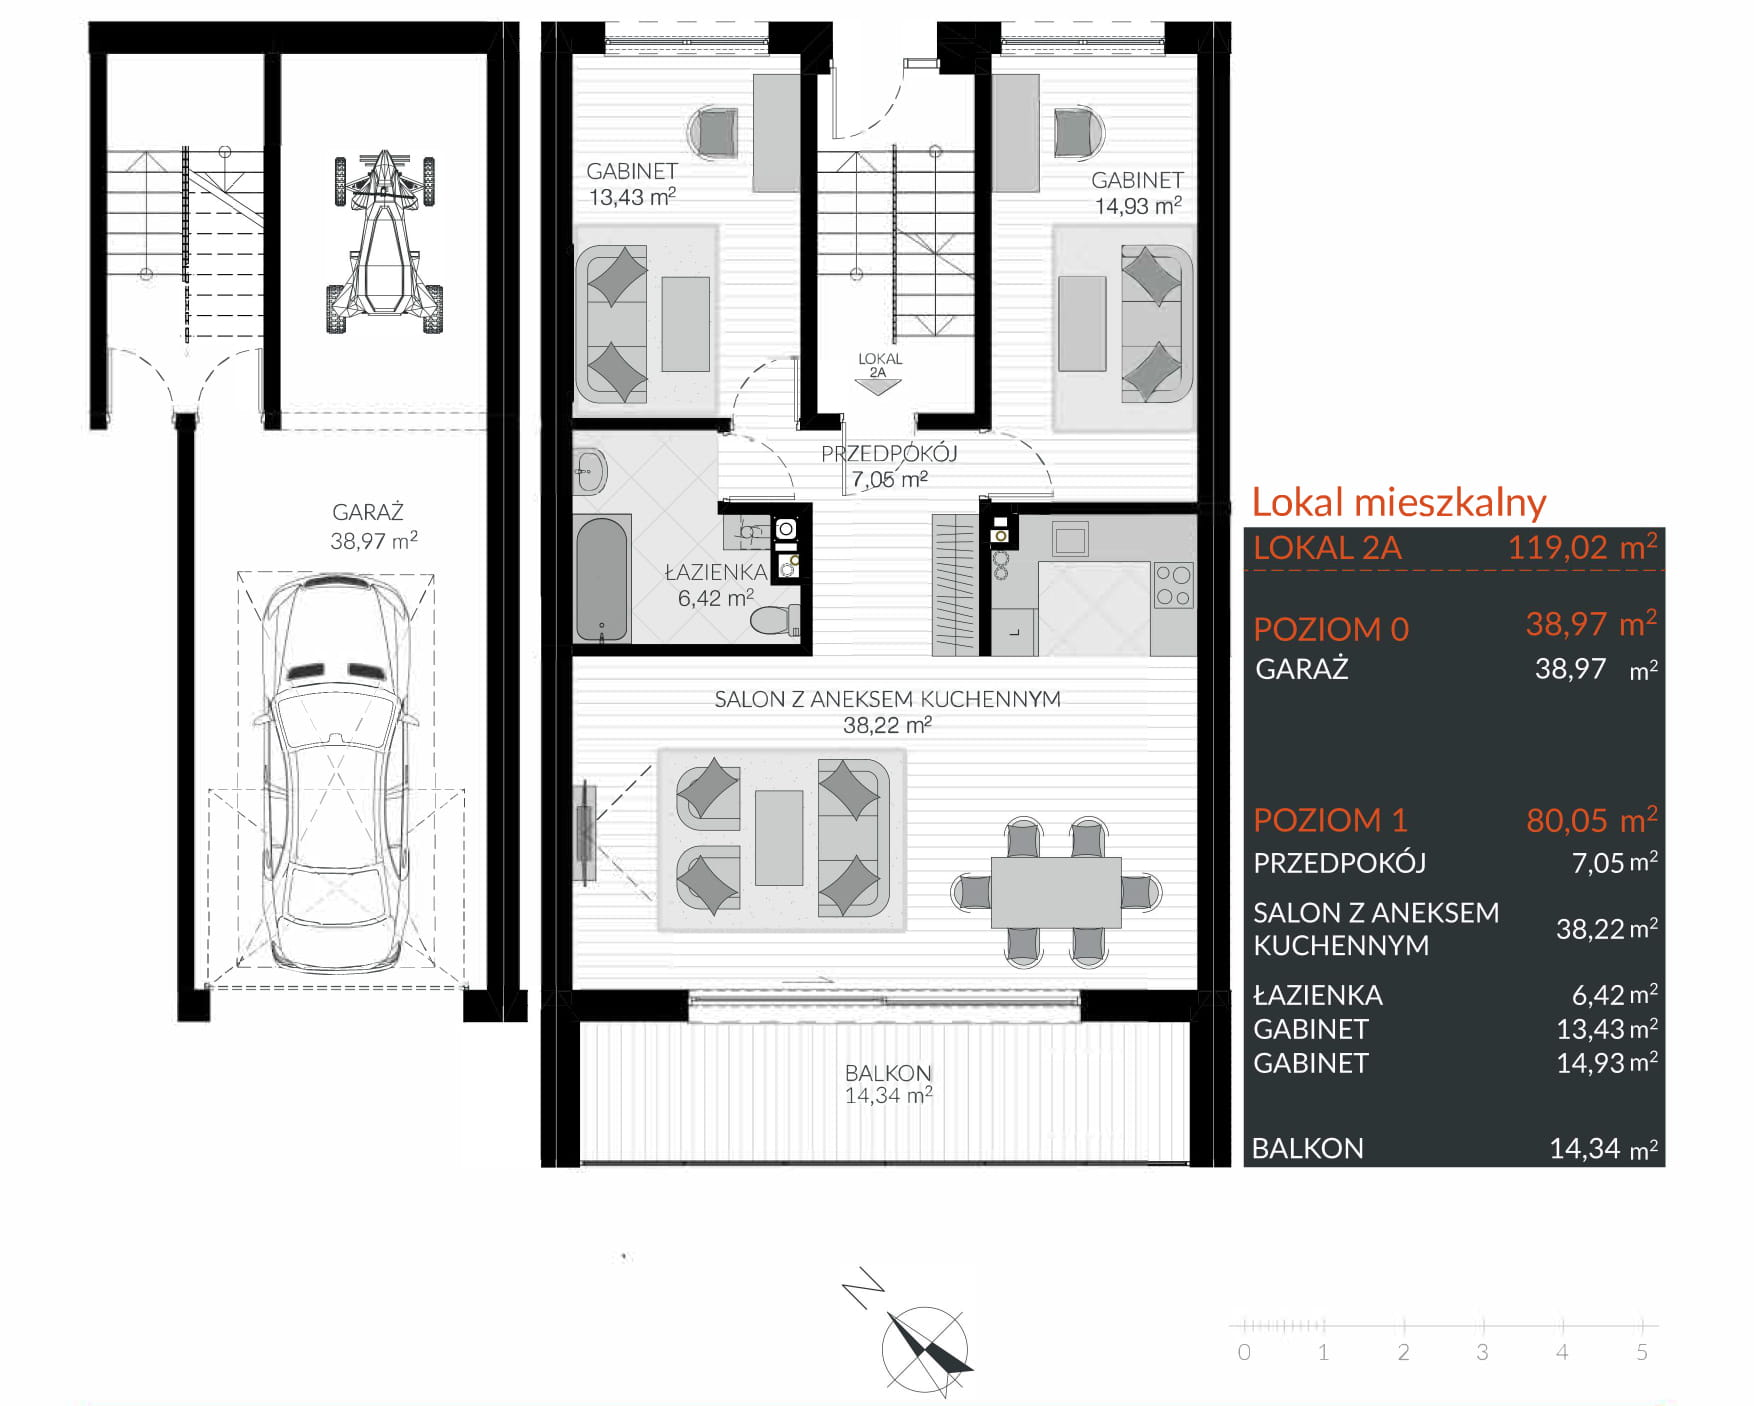 Apartamenty Kamienna / apartamenty inwestycyjne 2A rzut 1